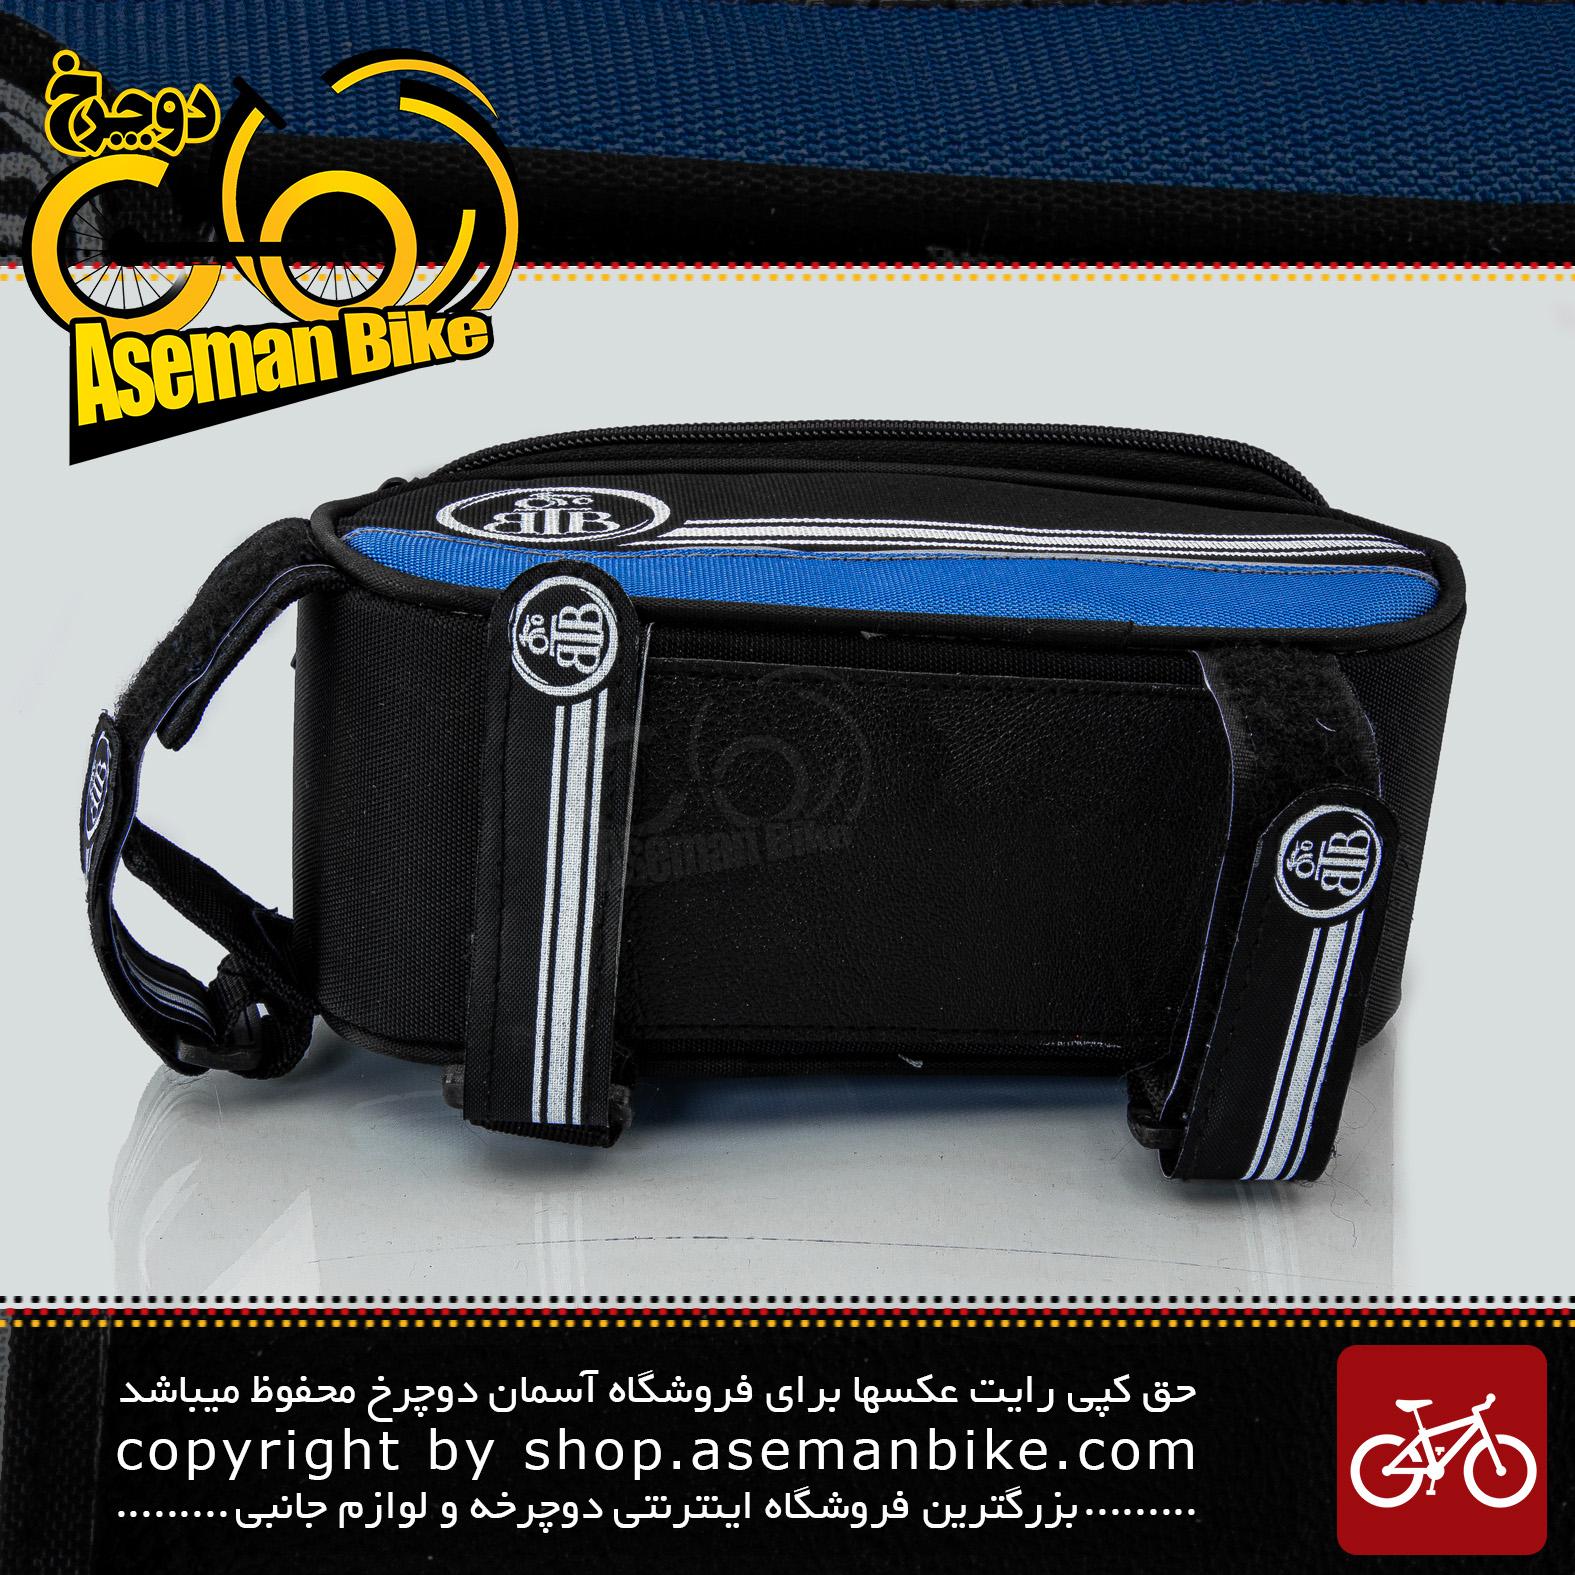 کیف روی تنه دوچرخه بی تی بی مدل گرینی آبی BTB Bicycle Saddle Bag Greny Blue